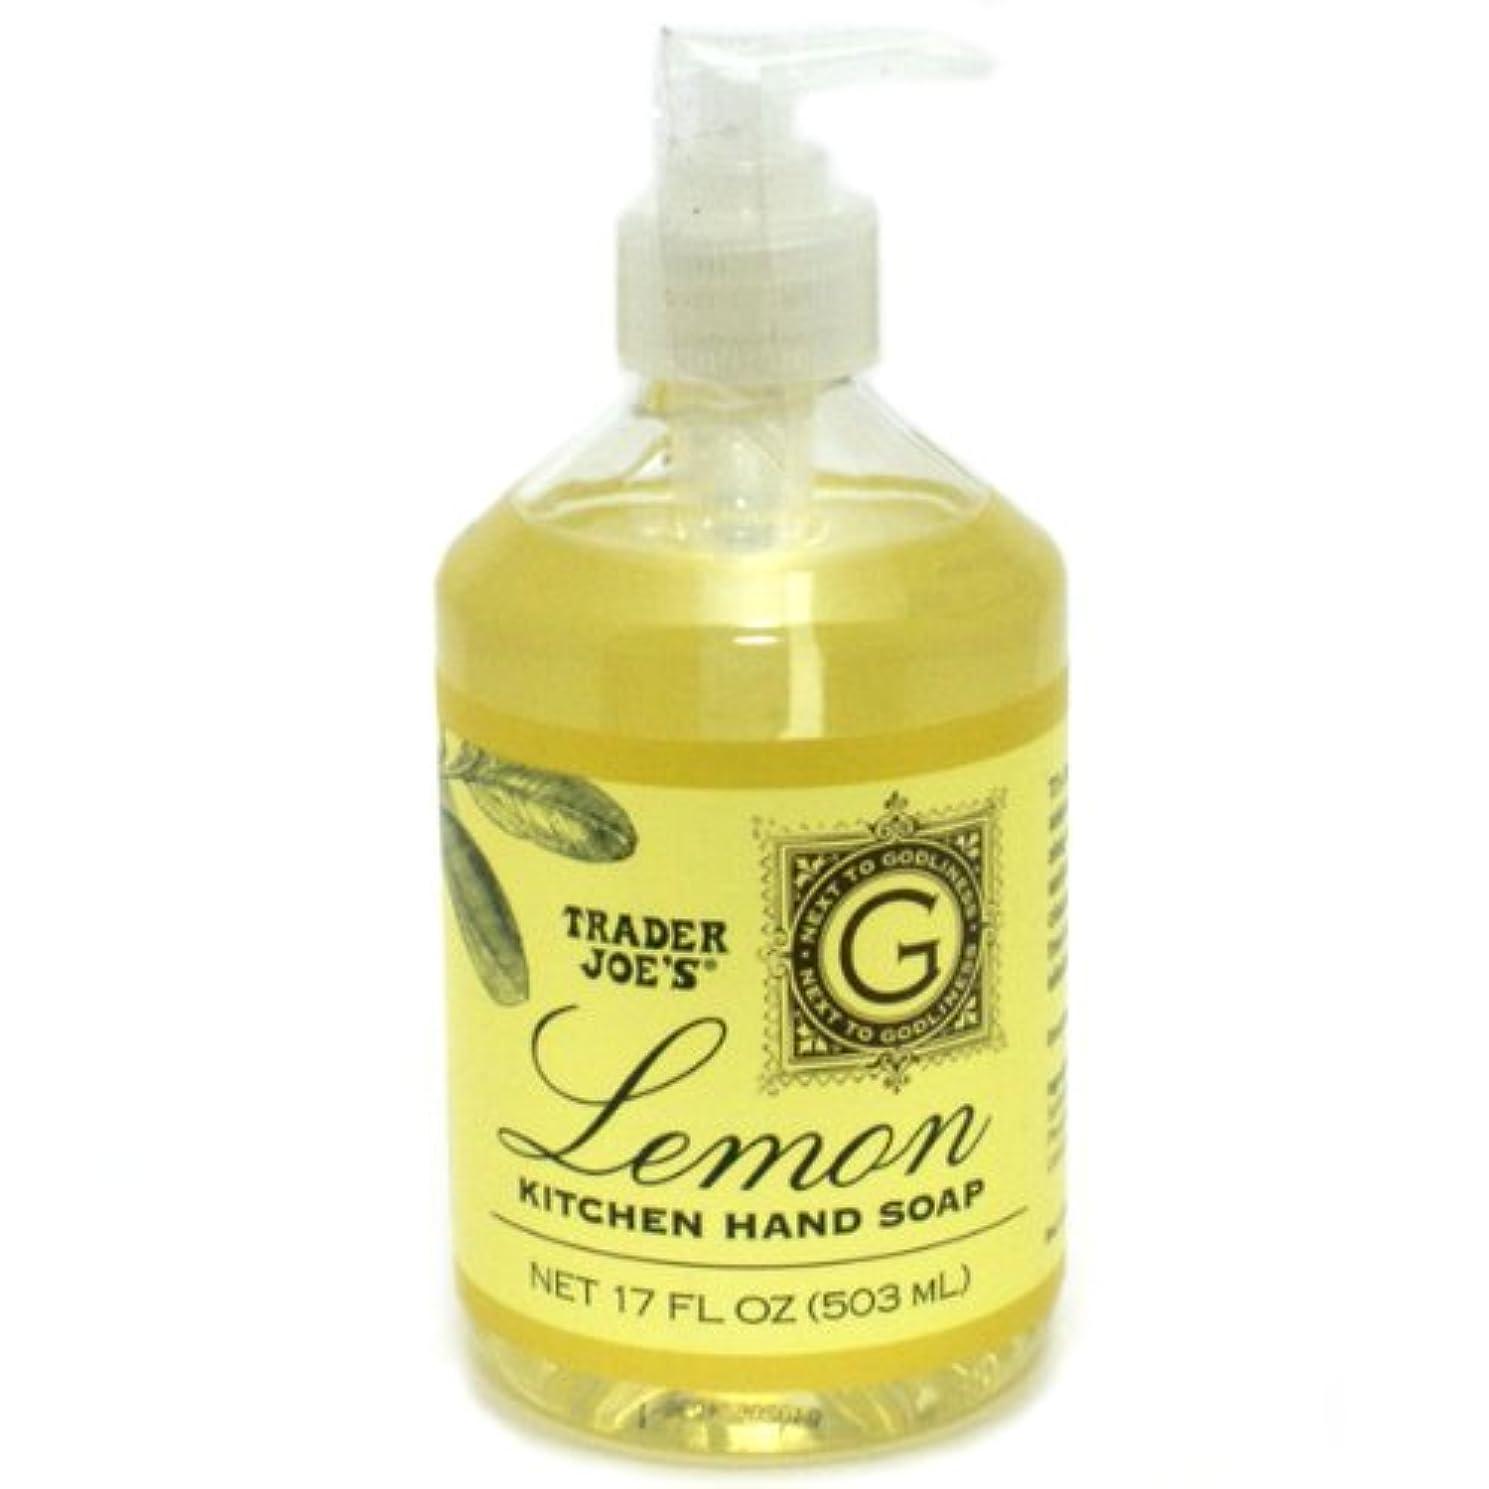 スポンジ車存在するTrader Joe's トレーダージョーズ KITCHEN HAND SOAP Lemon レモン キッチンハンドソープ [並行輸入品]